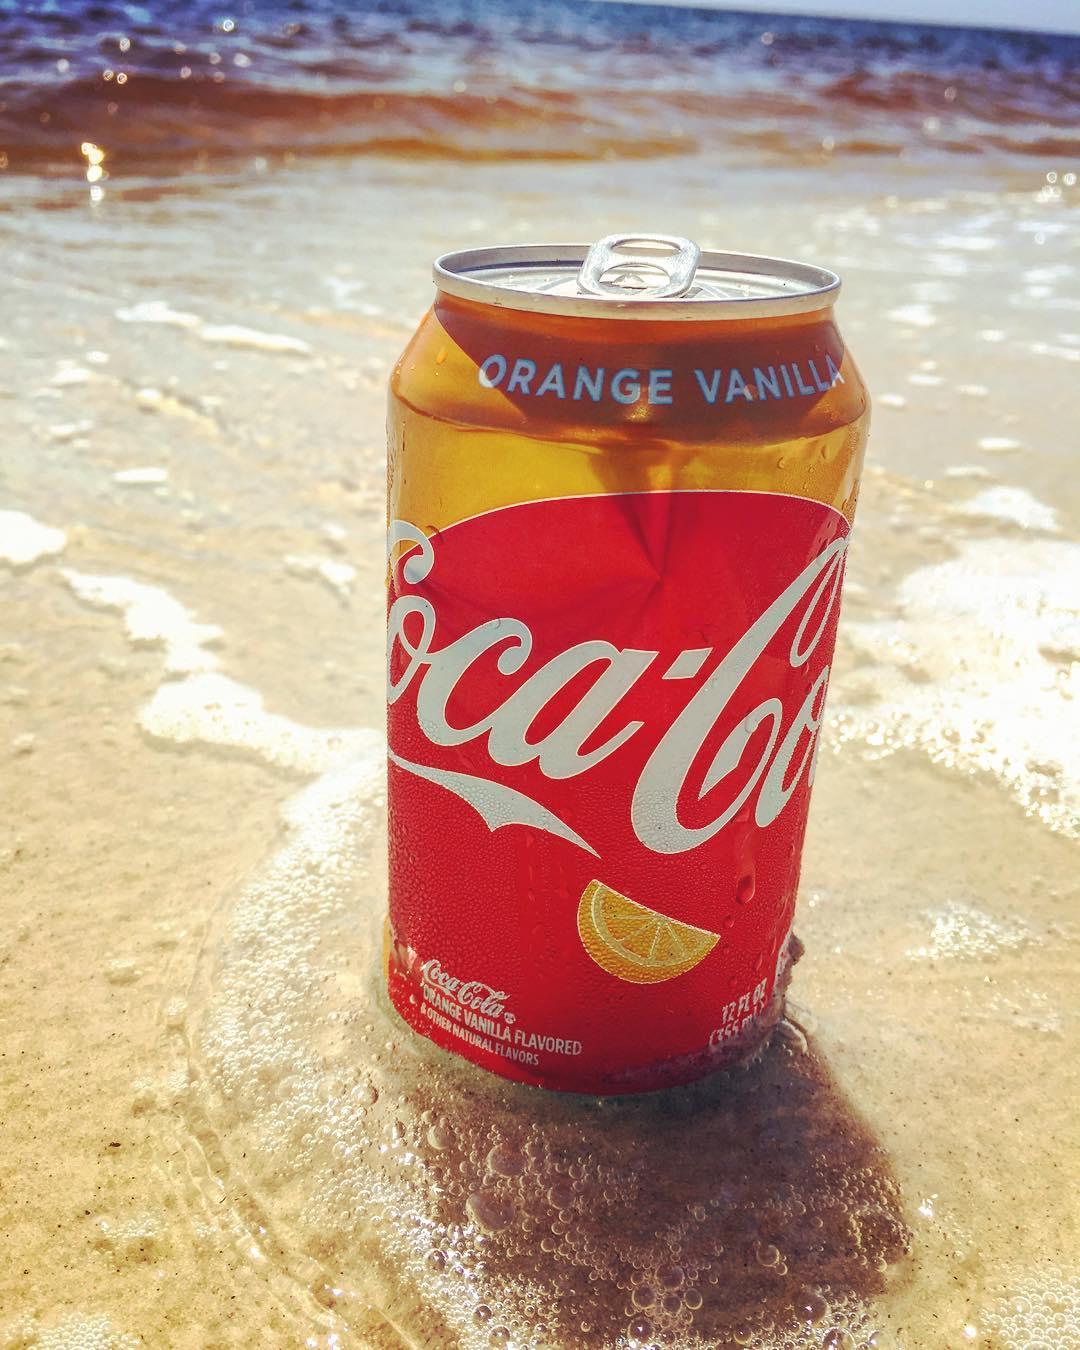 actualidad japonshop  Vámonos! Coca Cola NARANJA X VAINILLA